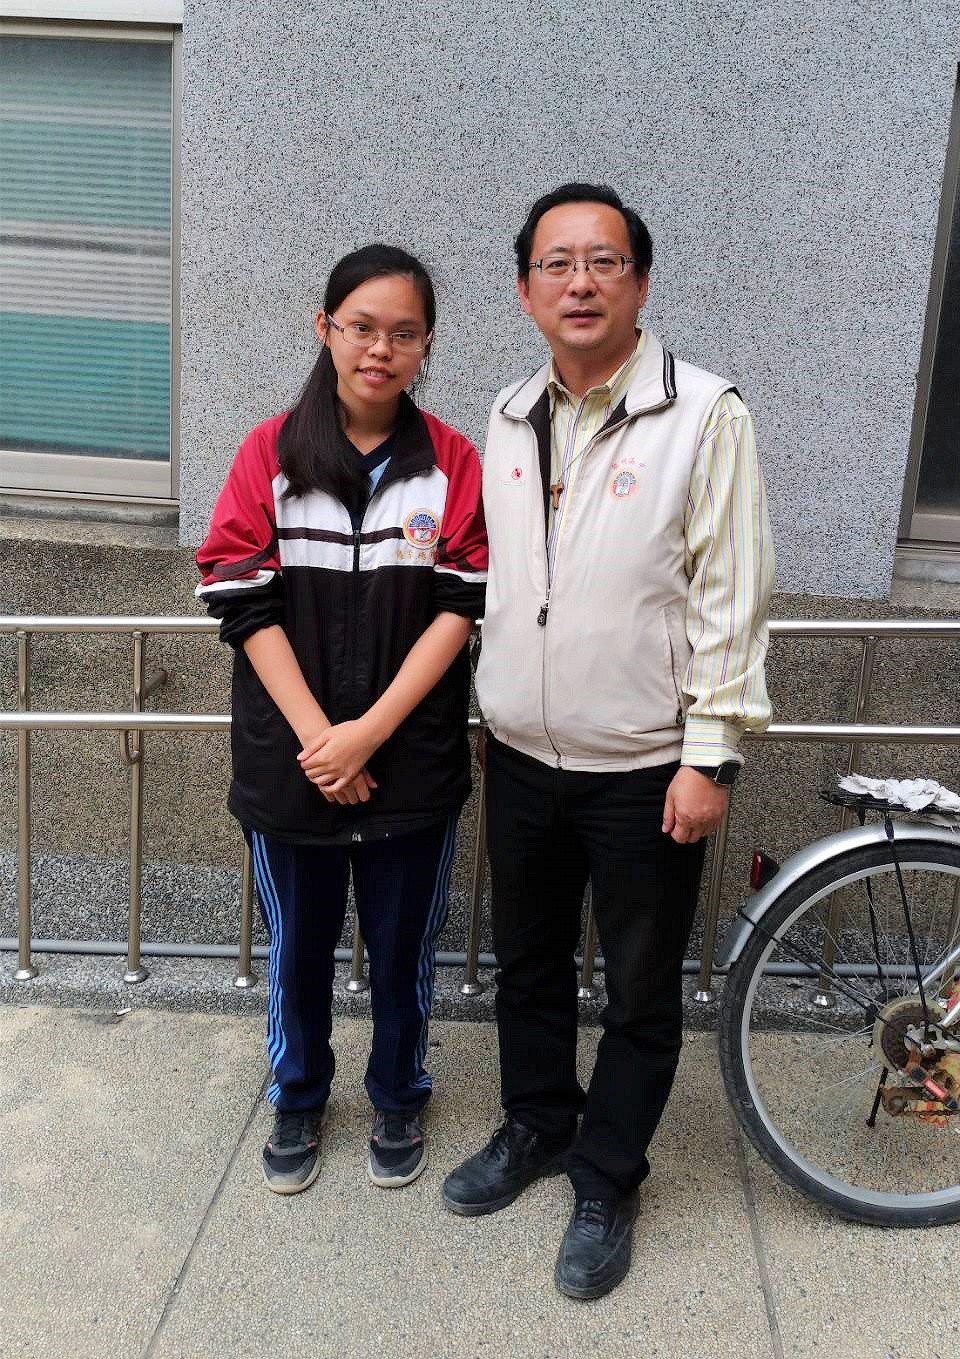 黎明高中學生李嬑瑄(左)錄取高雄醫學大學心理學系,媽媽是陸配,閒暇常在媽媽牛肉麵...